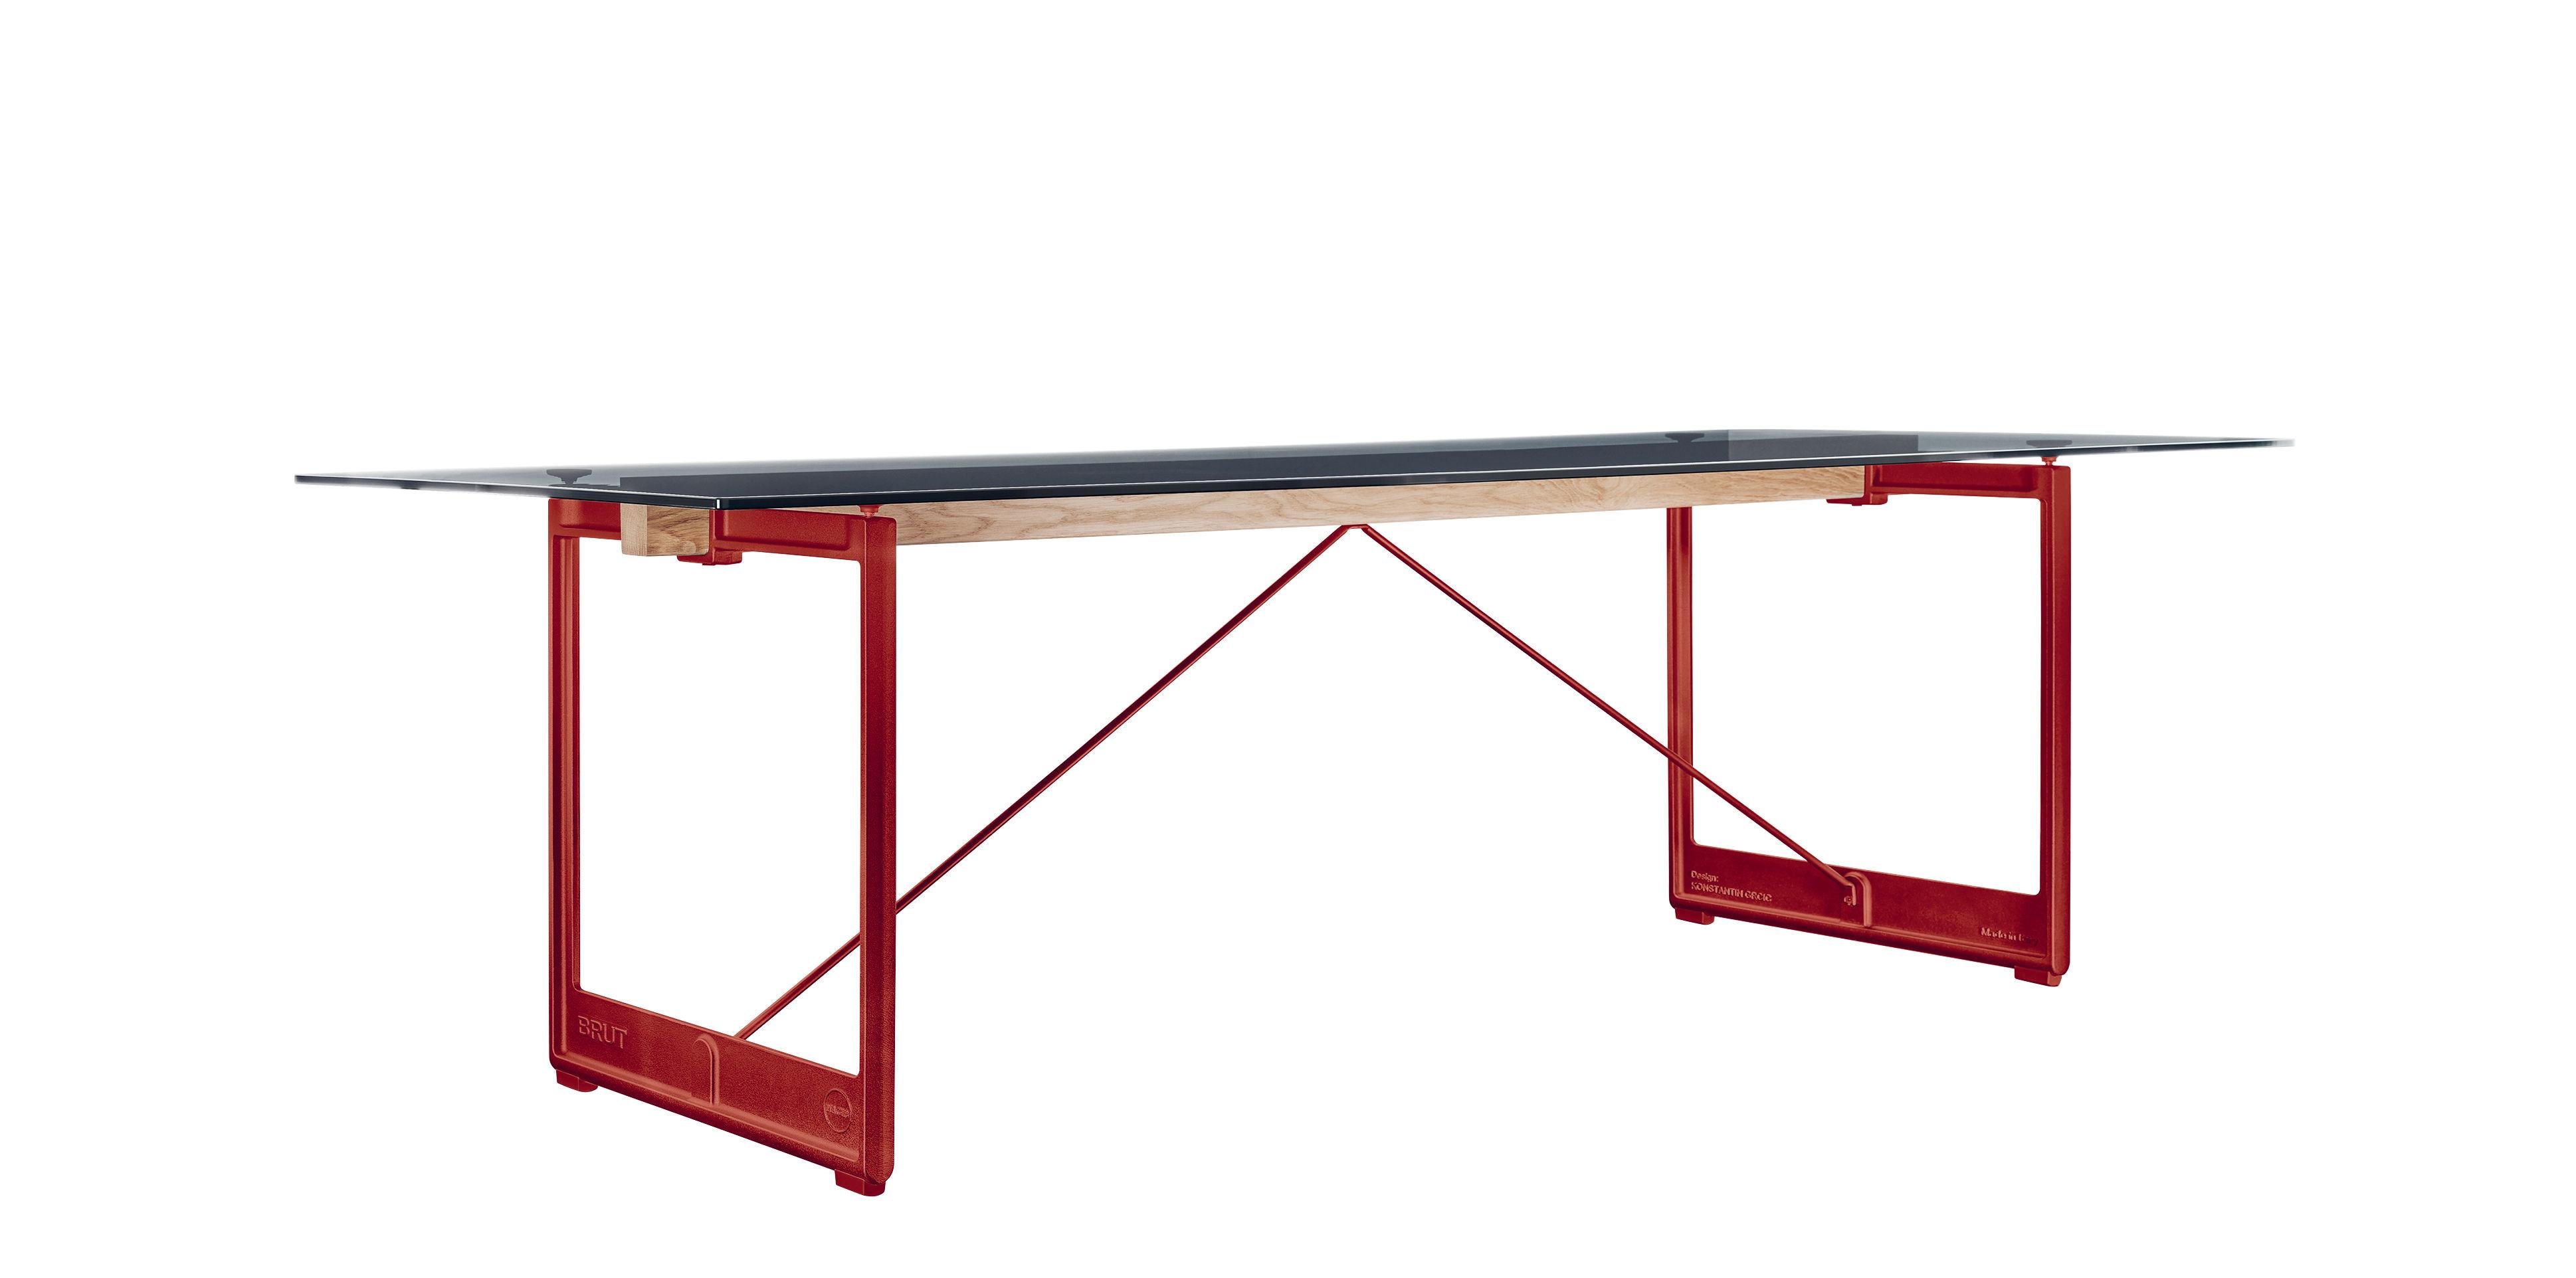 Mobilier - Tables - Table rectangulaire Brut / L 205 x 85 cm - Magis - Gris fumé / Piètement rouge - Chêne massif, Fonte, Verre trempé